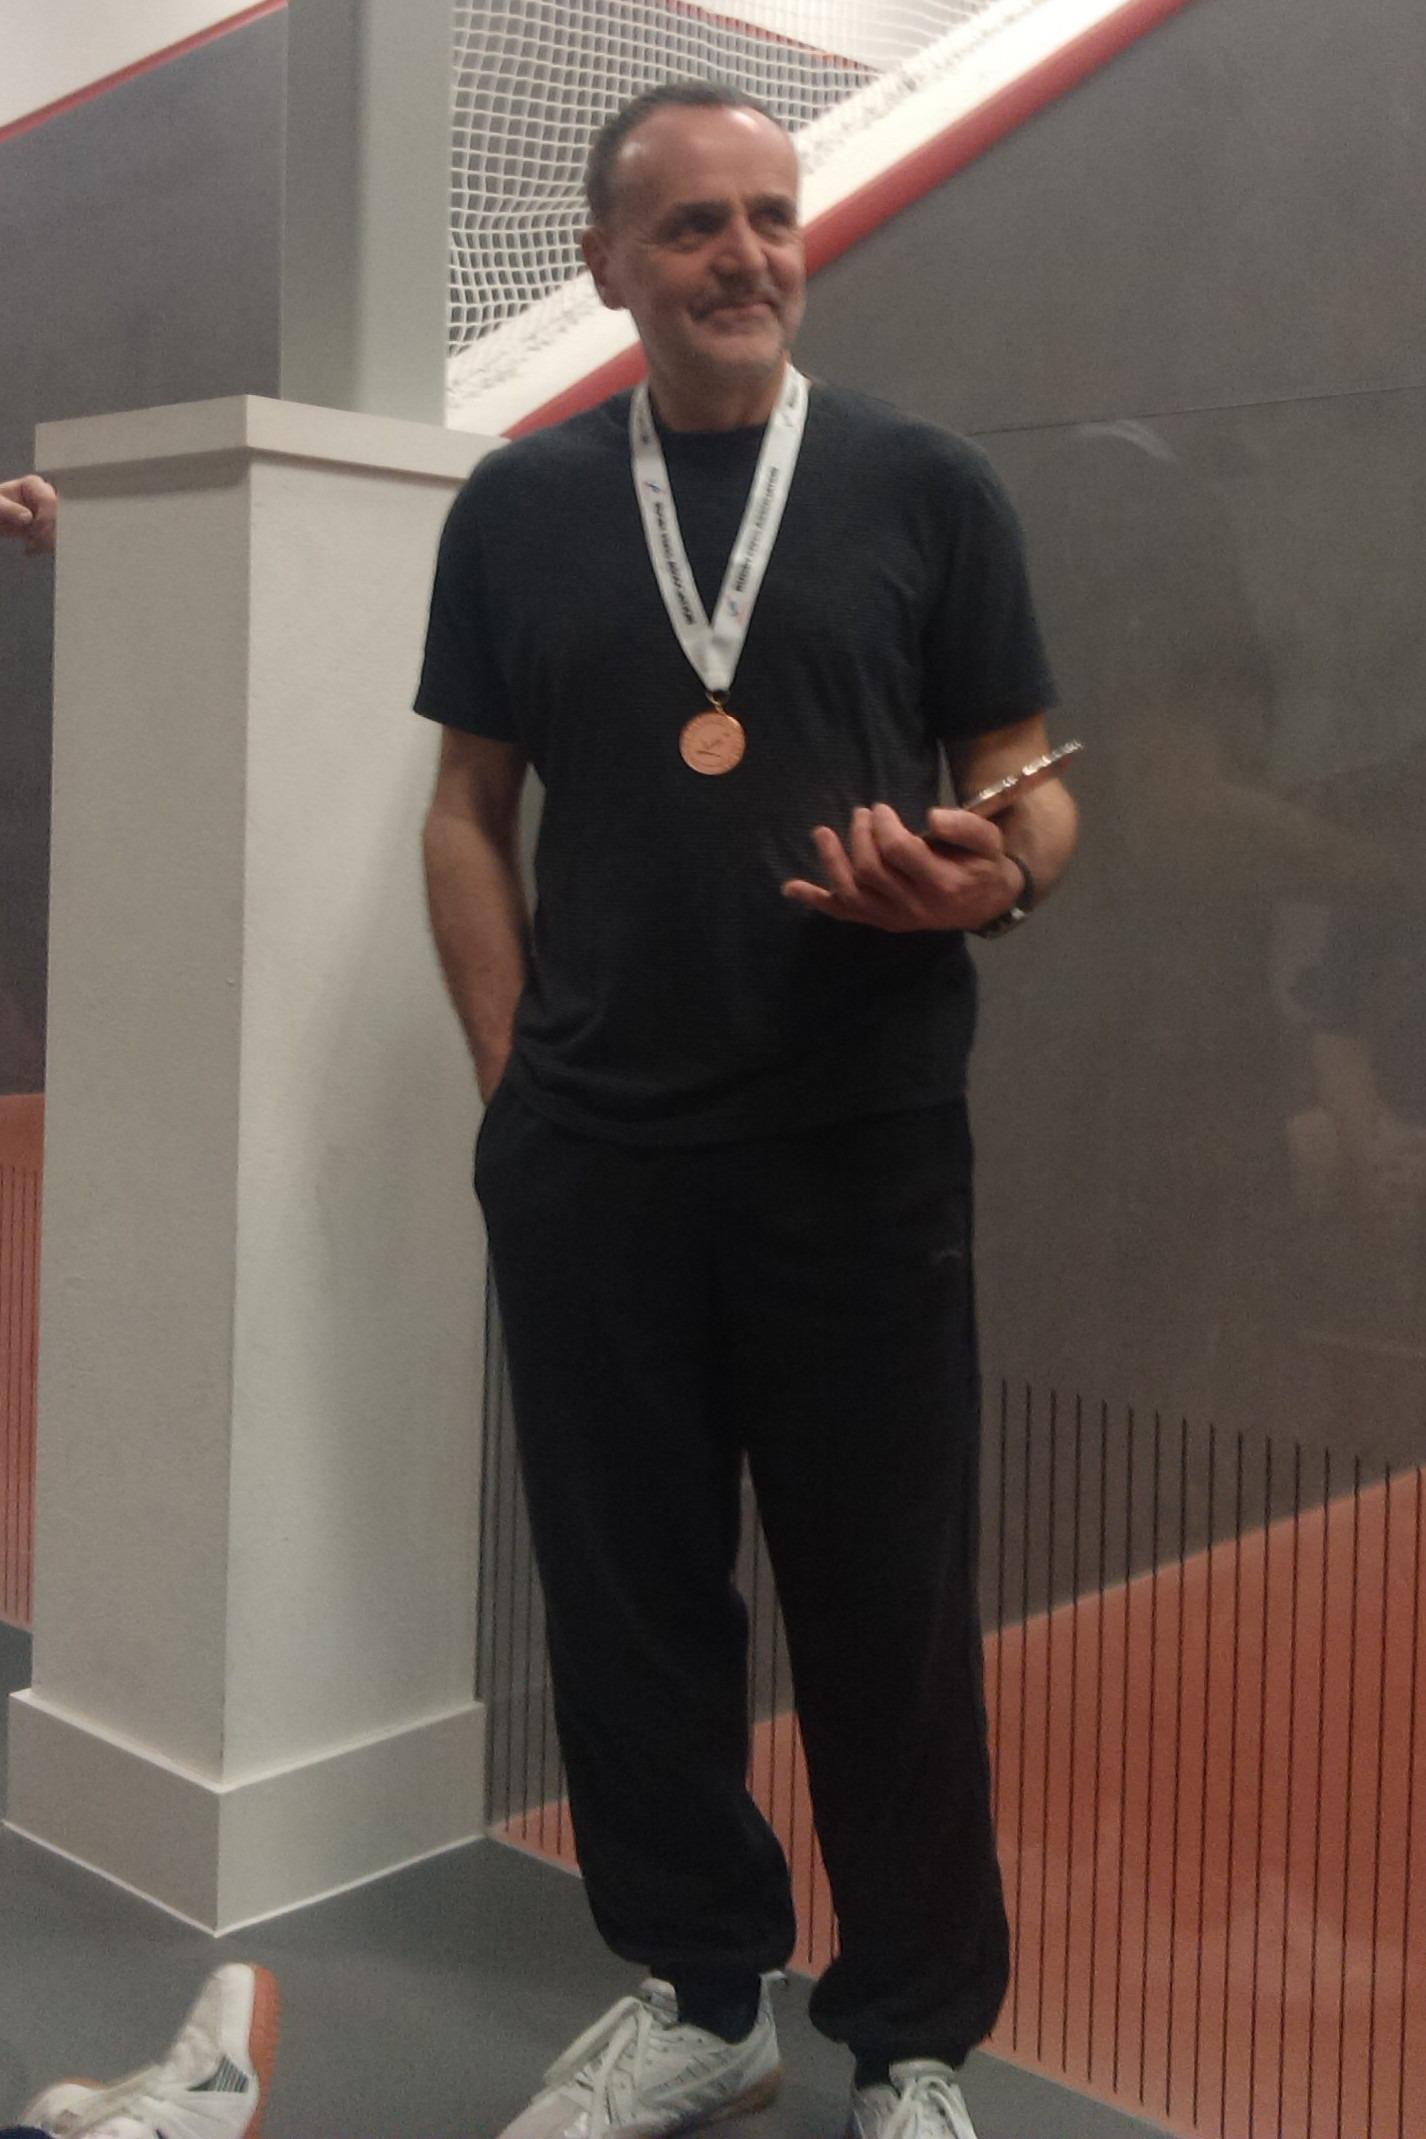 Organiser and Singles Plate winner Brian Kirk